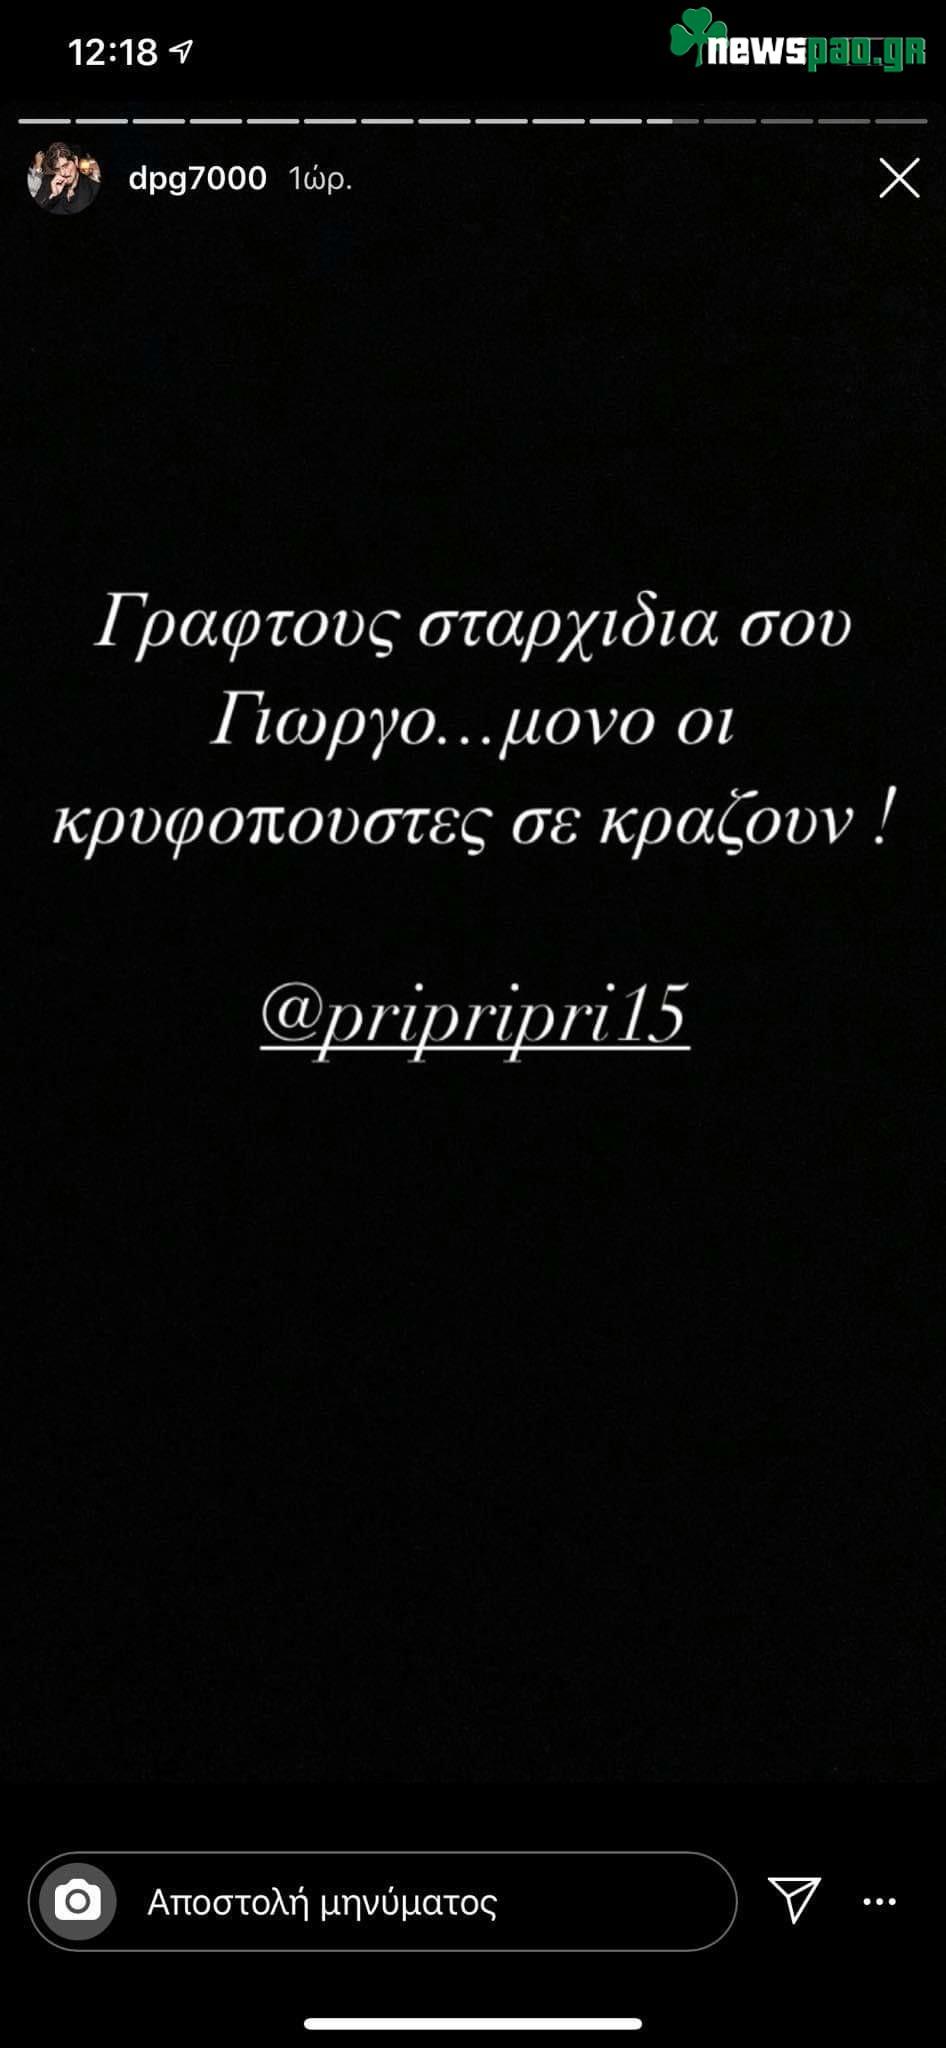 Υπέρ του Πρίντεζη ο Γιαννακόπουλος